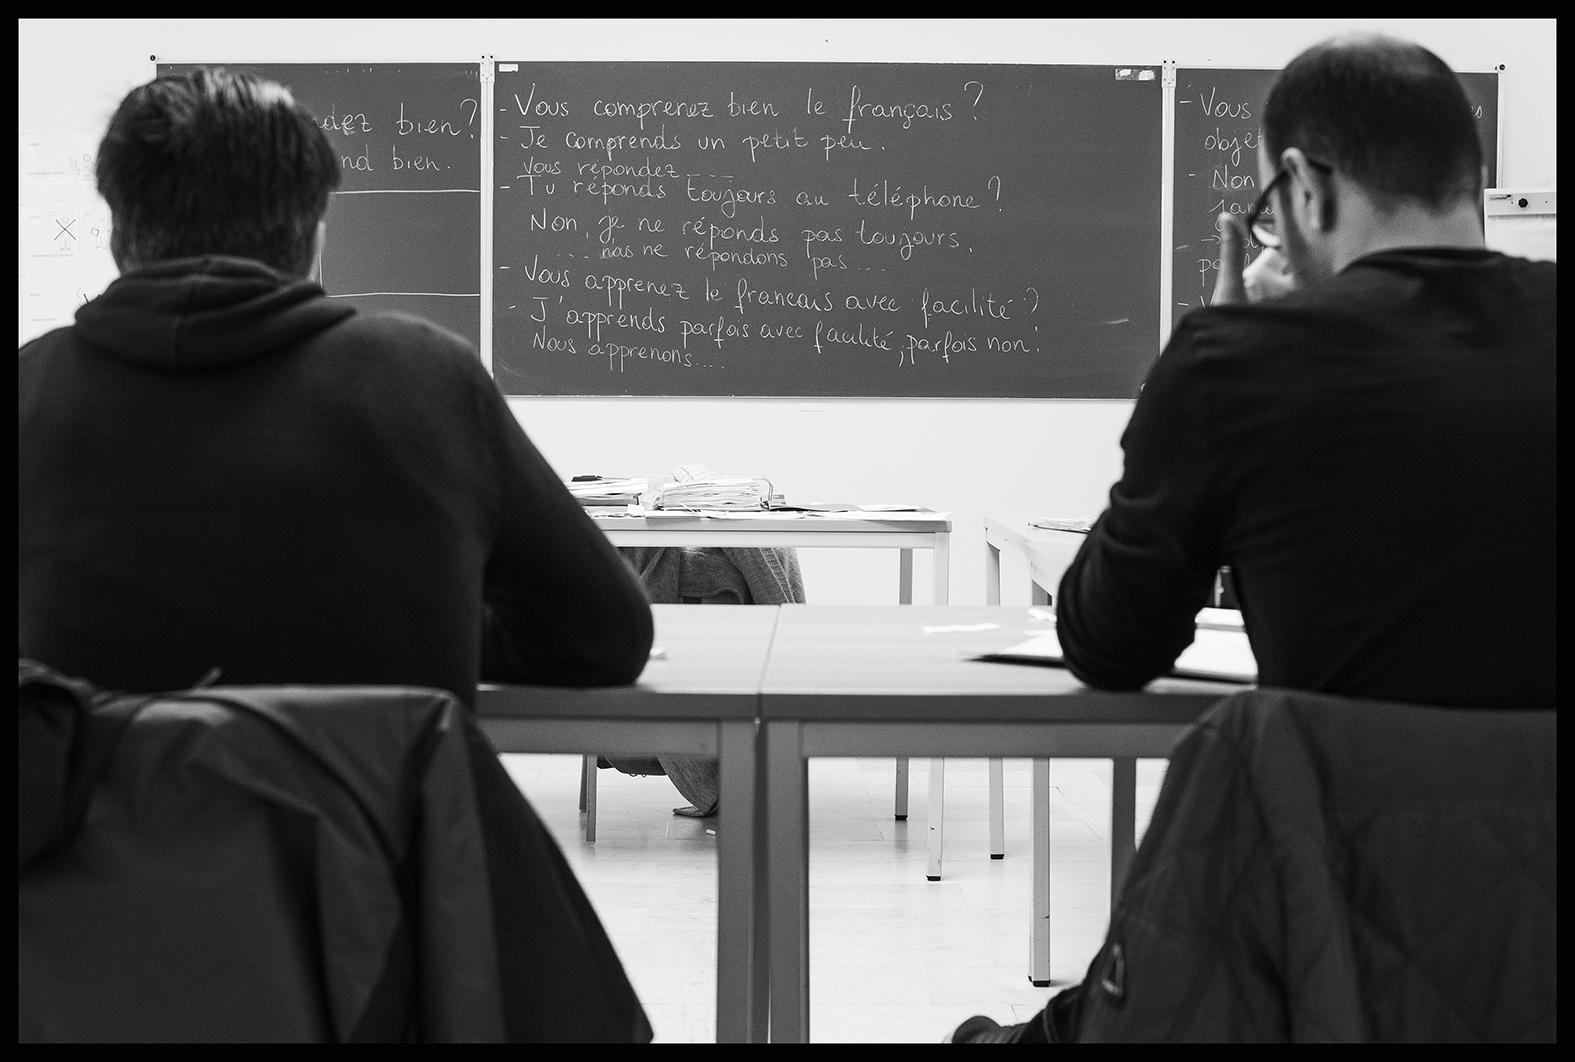 Classe de français langue étrangère